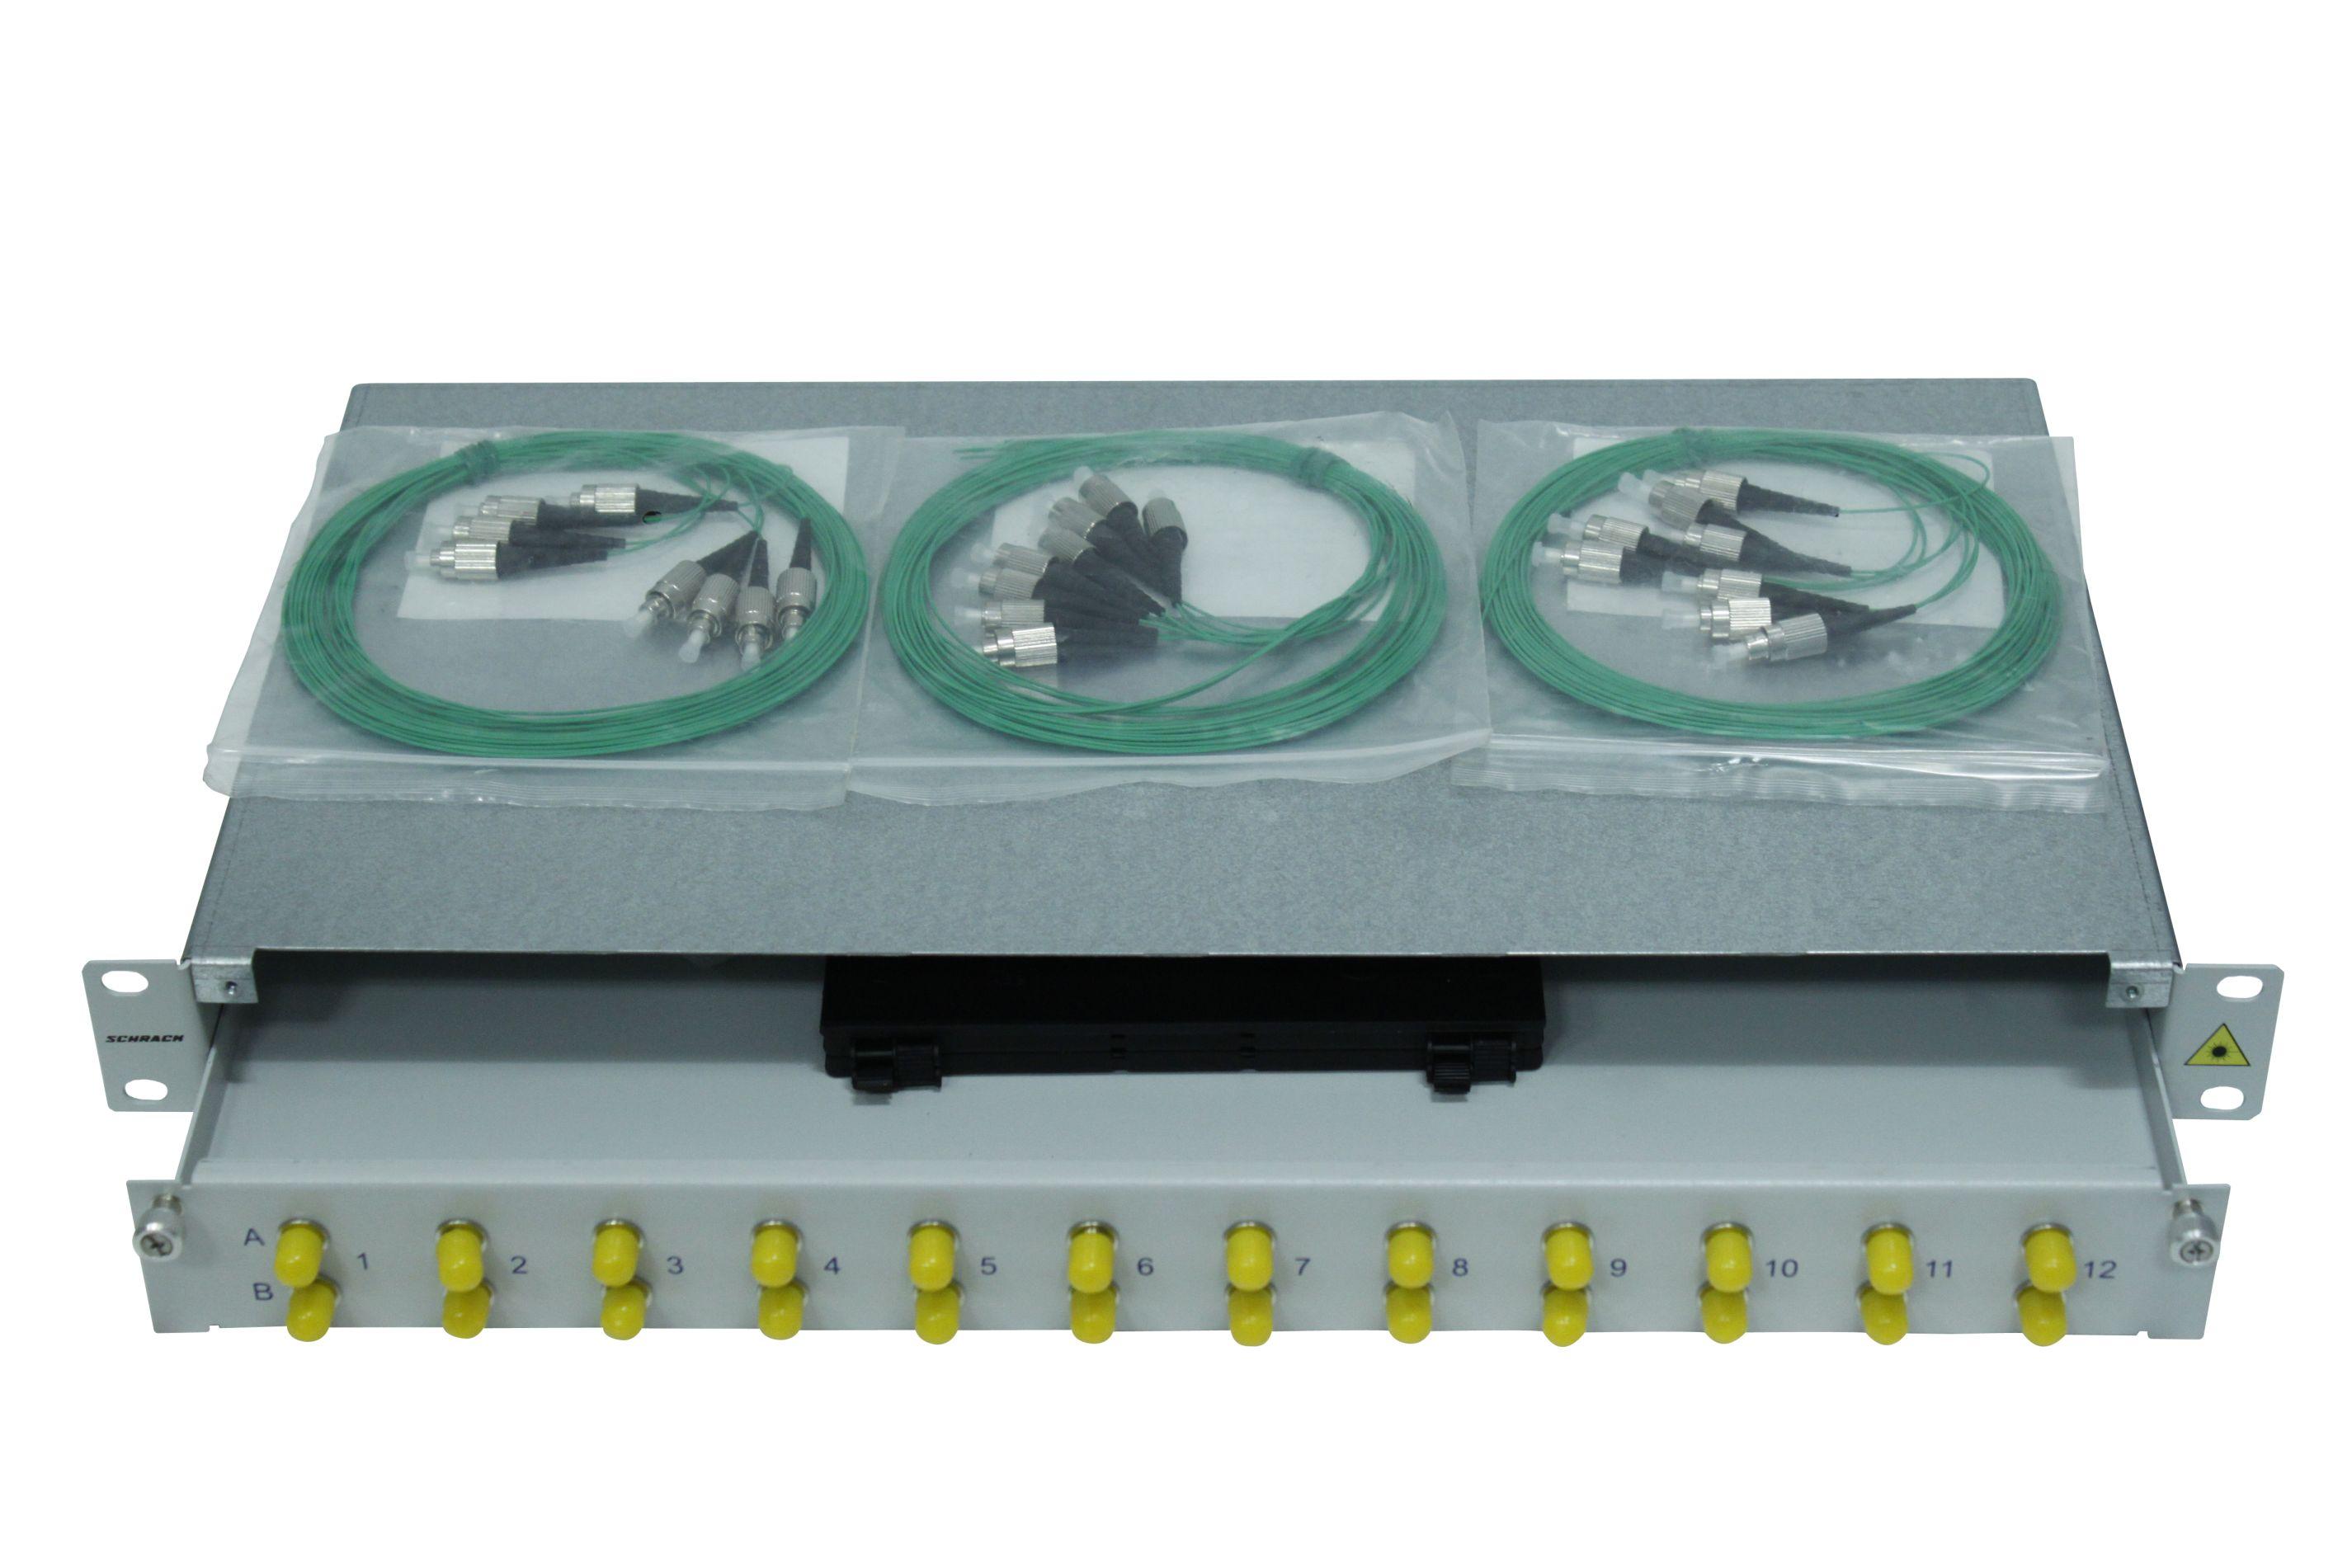 1 Stk LWL Spleißbox,12Fasern,FC,62,5/125µm OM1, ausziehb,19,1HE HSELS126FG